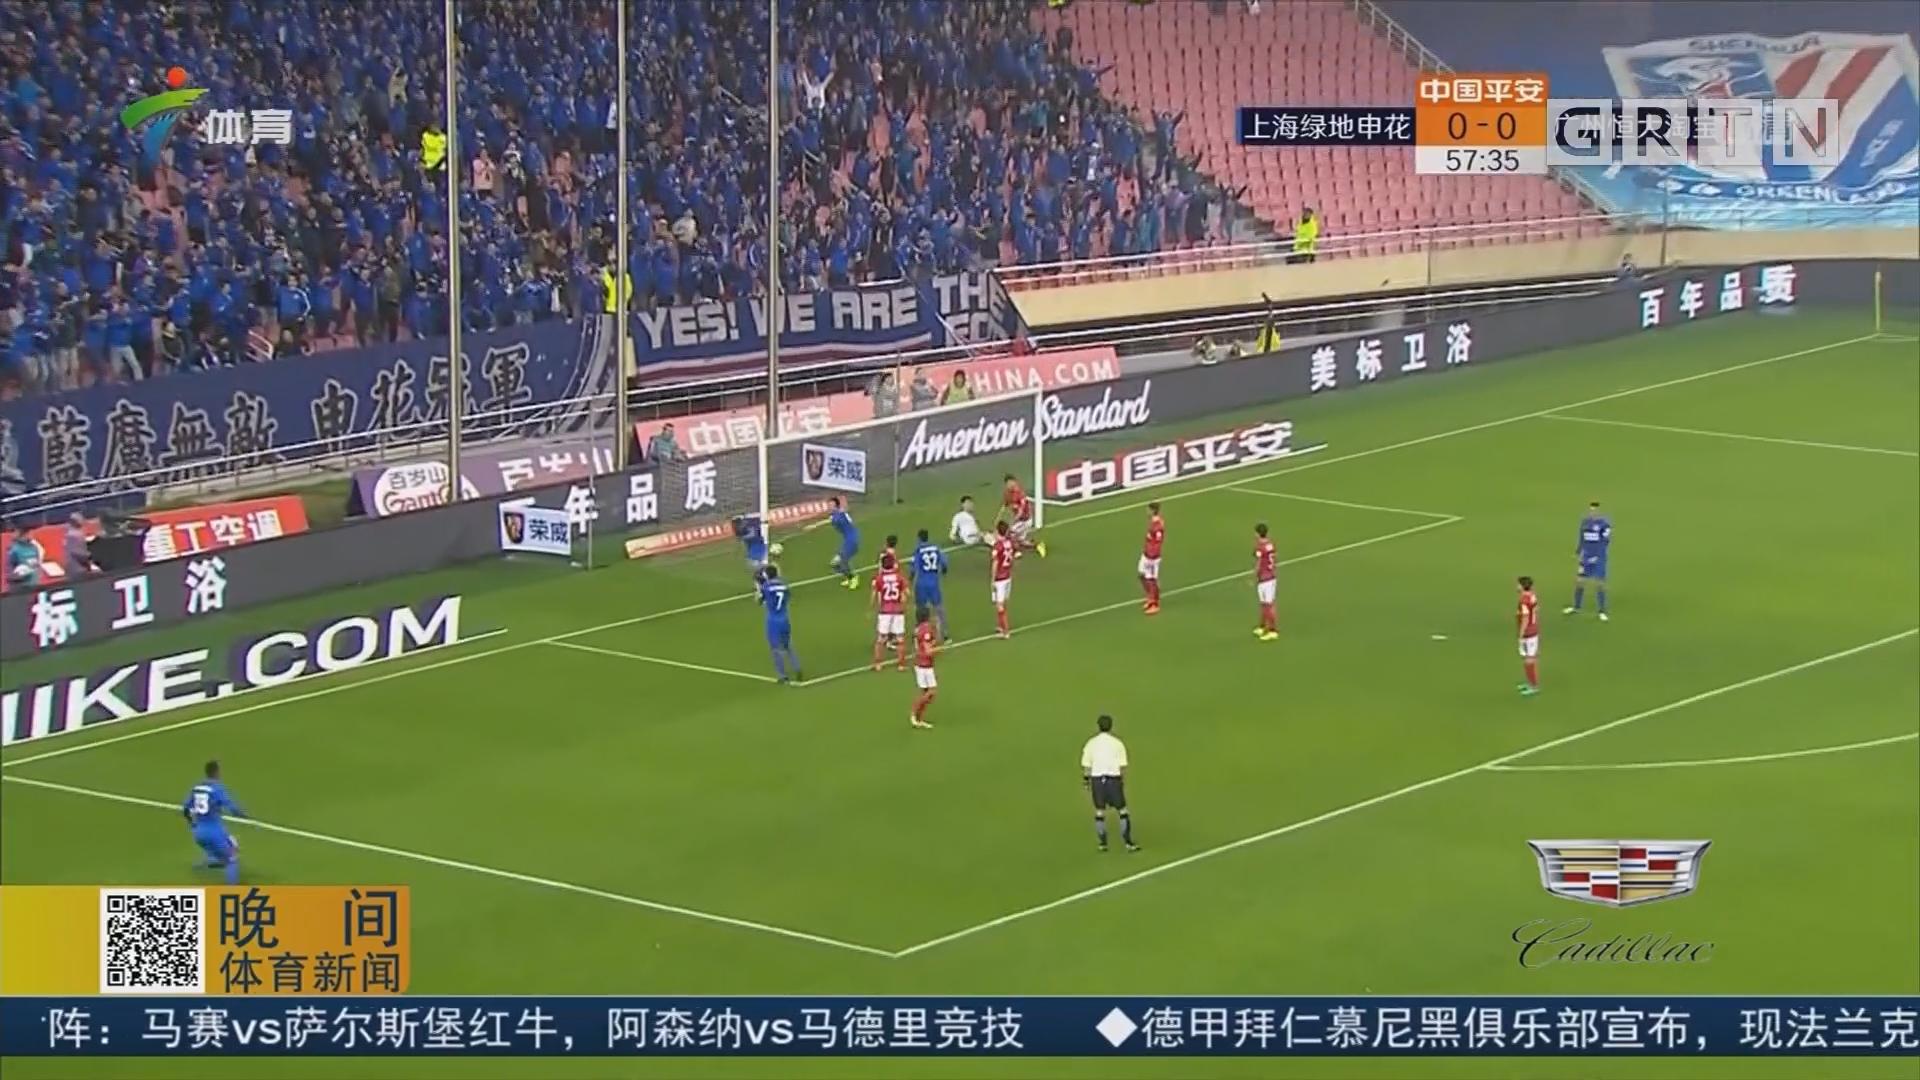 广州恒大客场战平上海申花 四连胜被终结